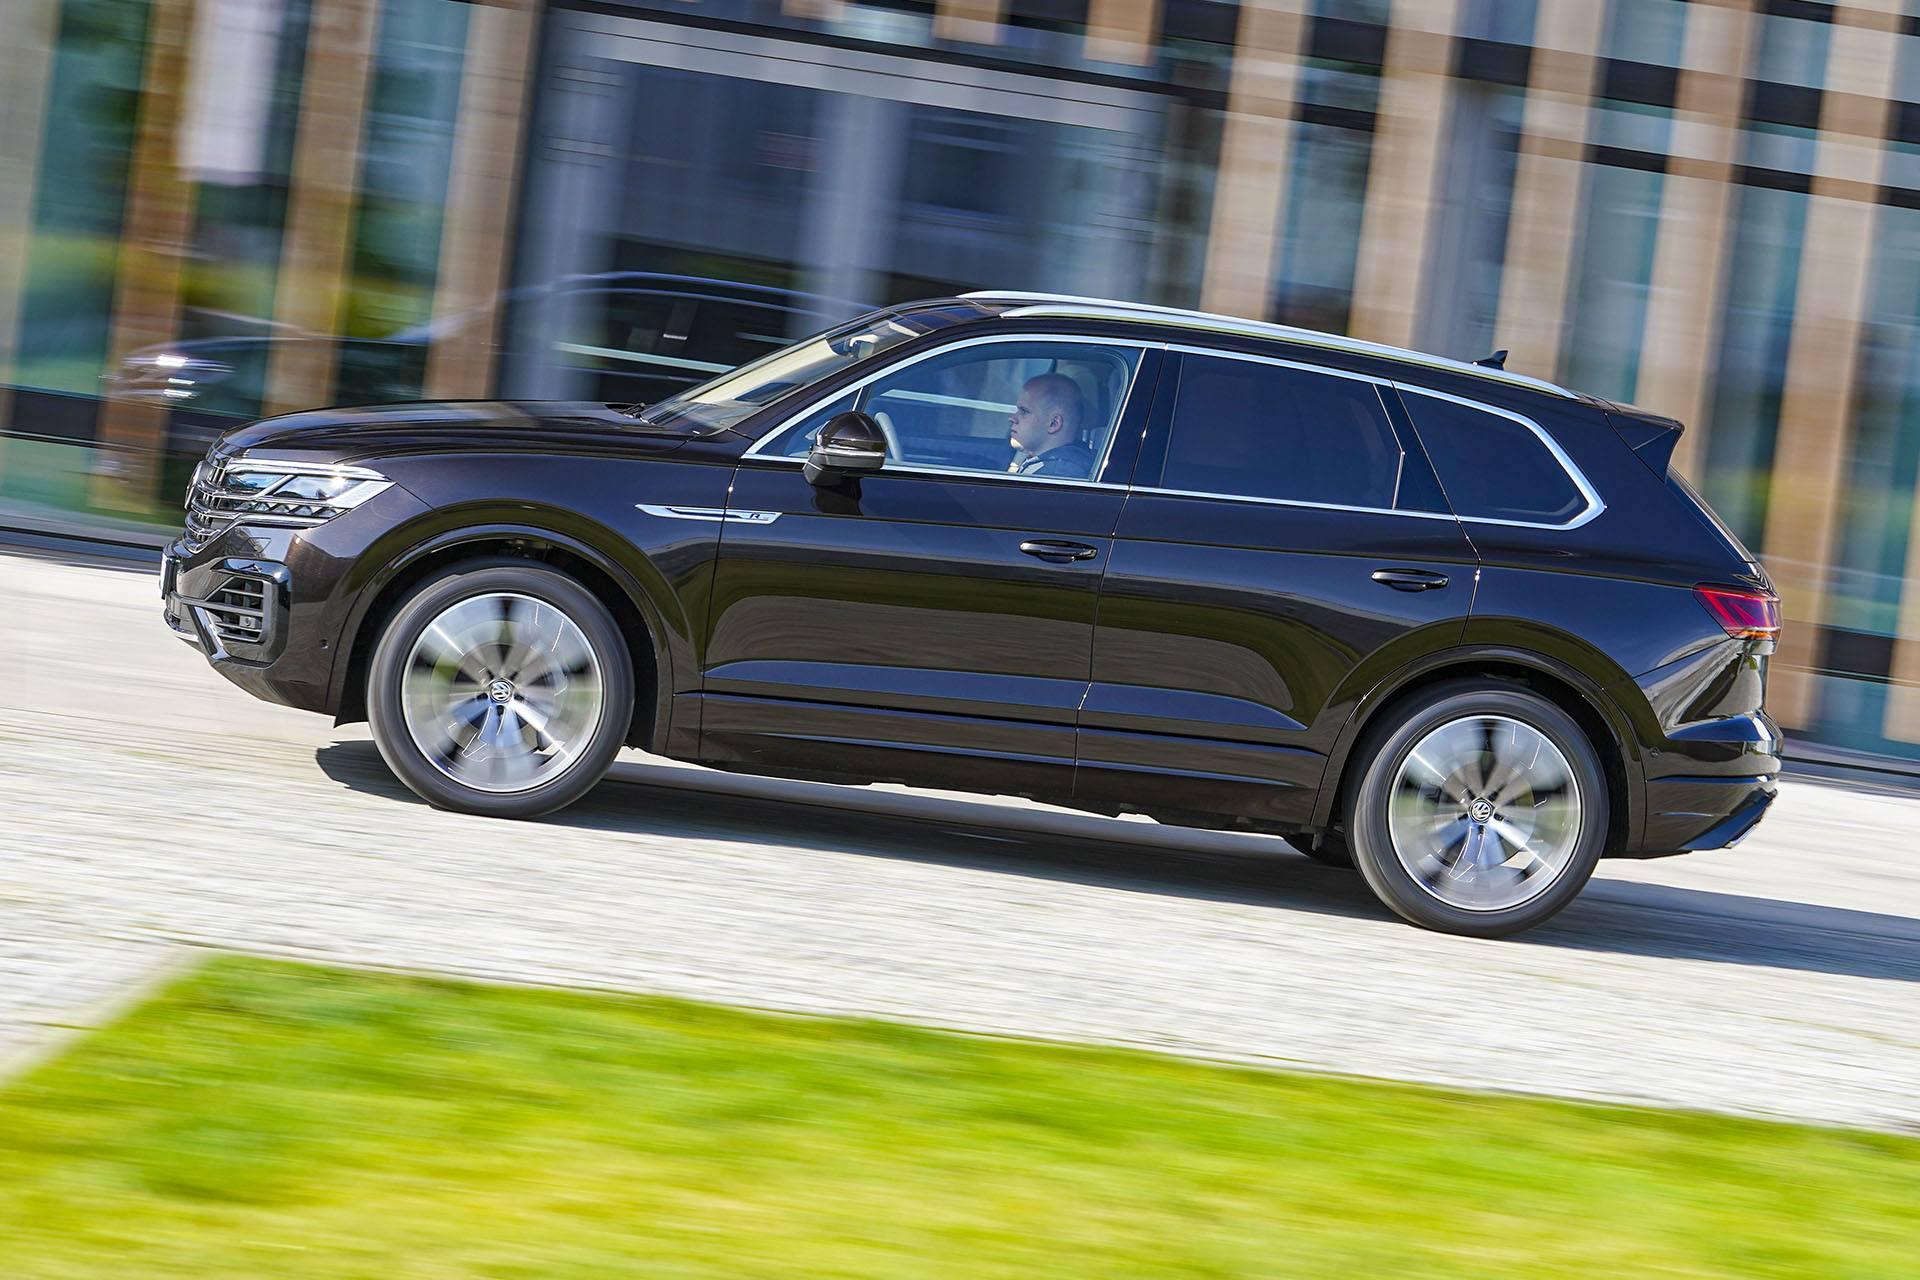 Volkswagen Touareg - bok - Land Rover Discovery, Mercedes GLE, Range Rover Sport, Volkswagen Touareg, Volvo XC90 – PORÓWNANIE –opinie, dane techniczne, wymiary